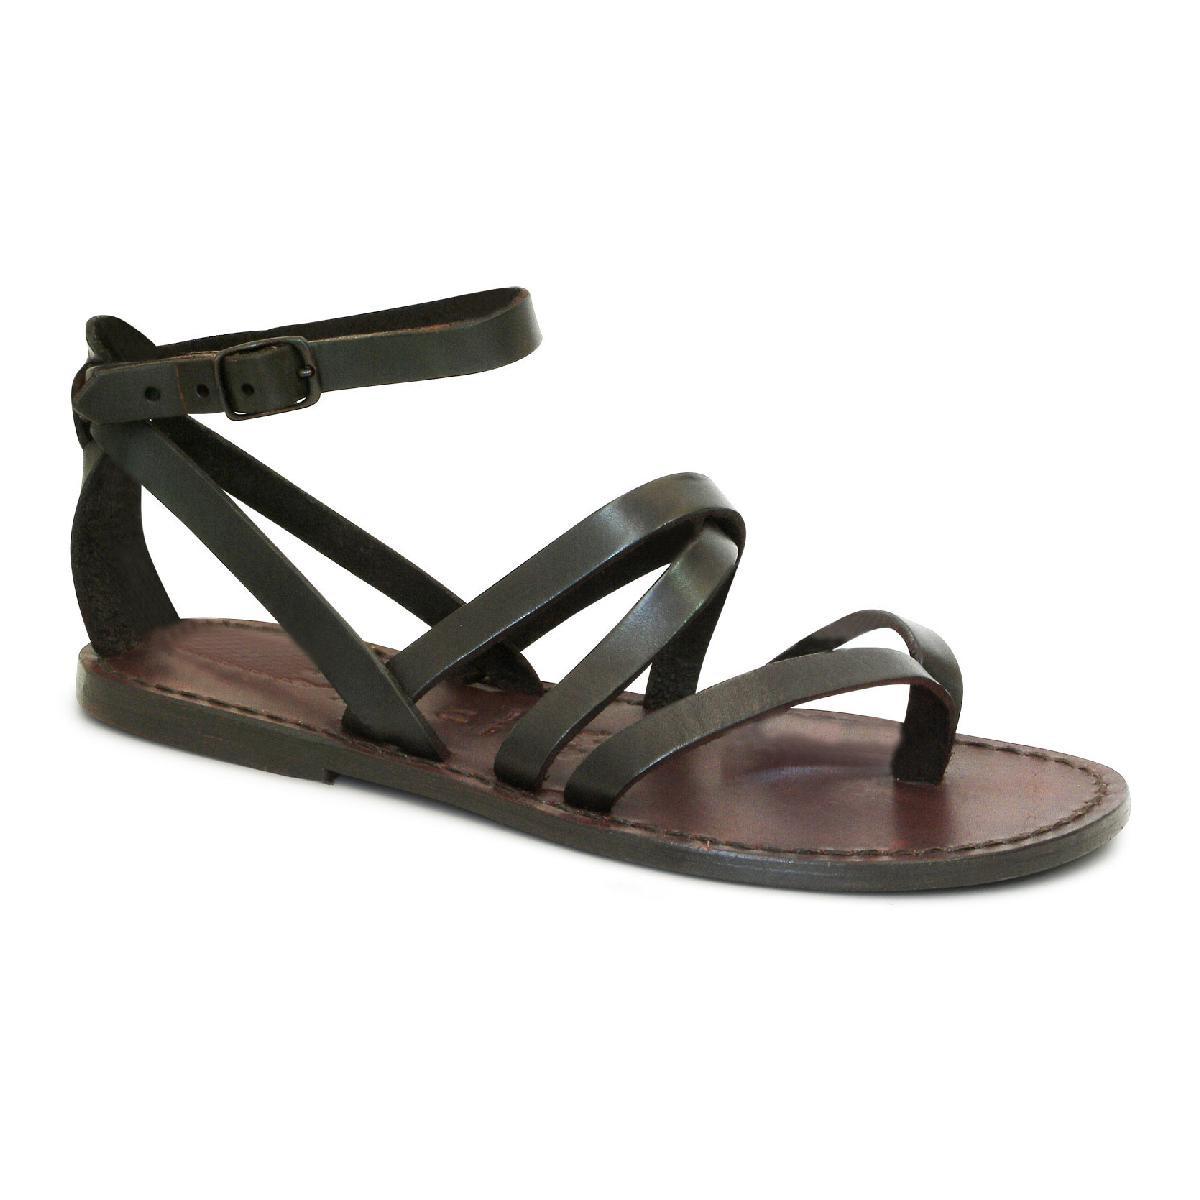 New Alexander McQueen Albatross Women Leather Tan Sandals Sandals